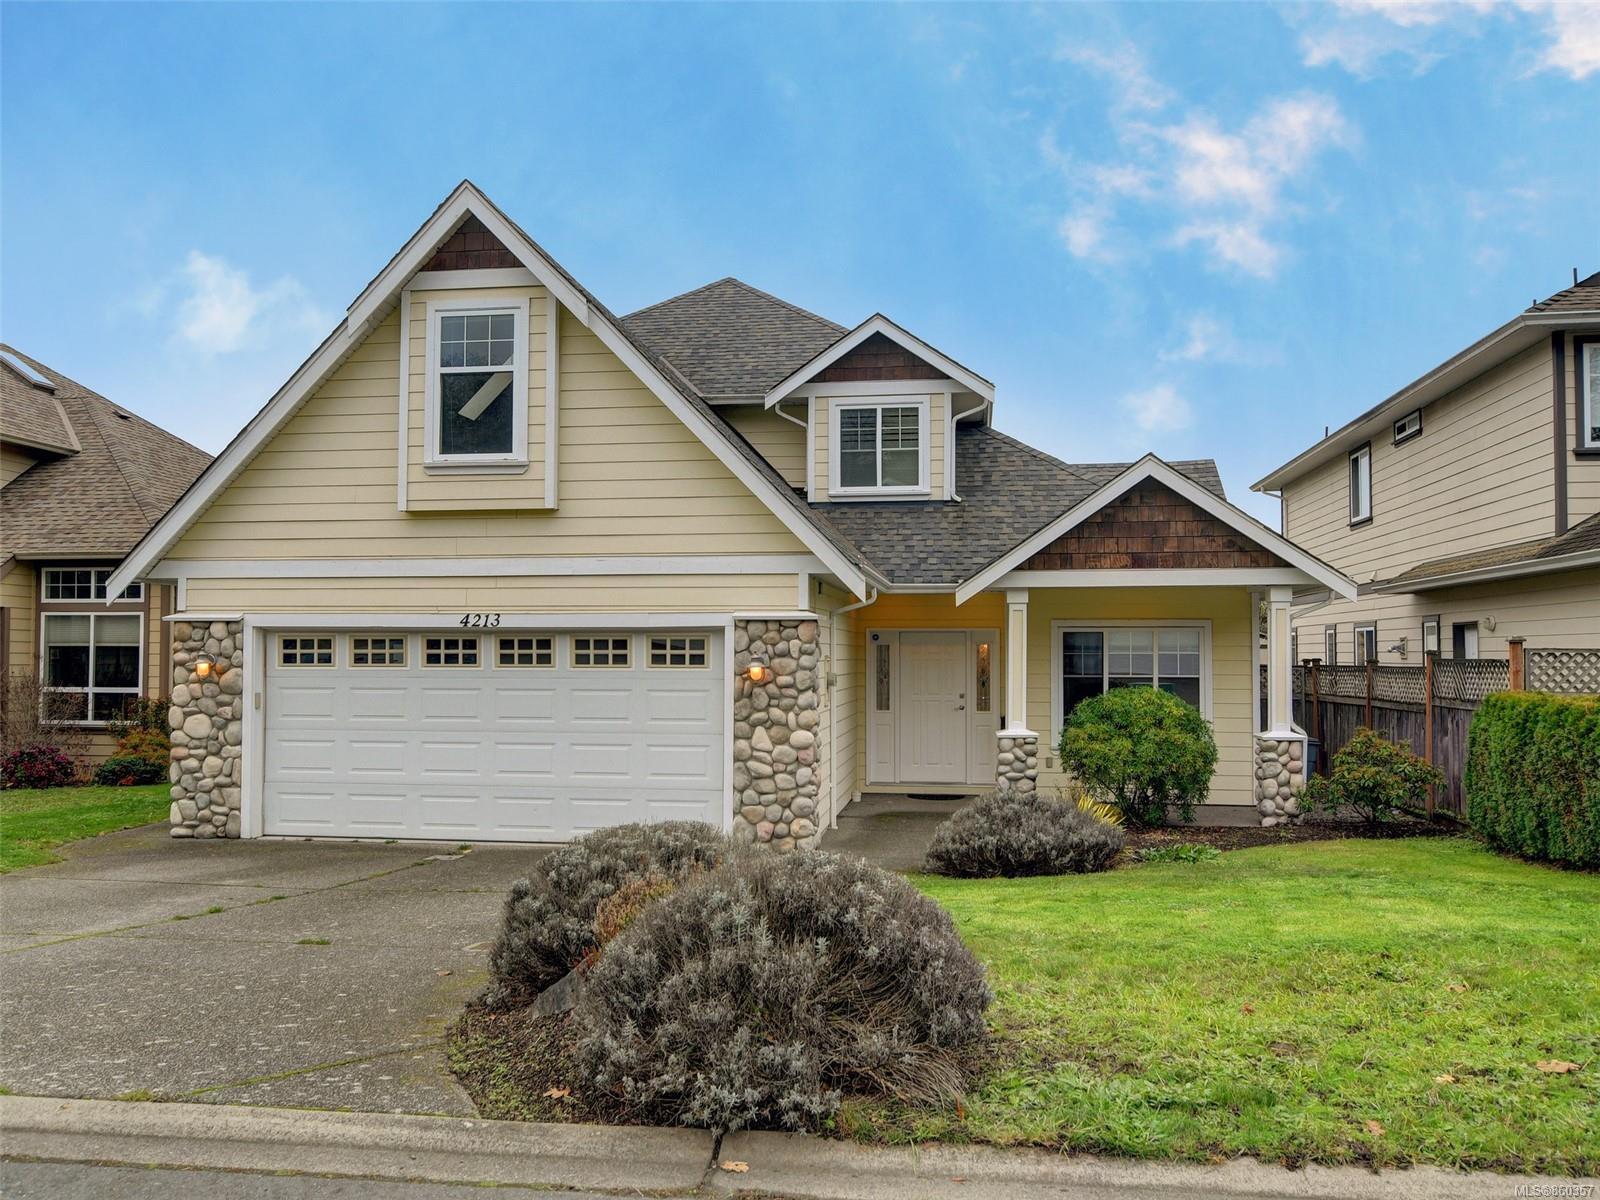 Main Photo: 4213 Oakview Pl in : SE Lambrick Park House for sale (Saanich East)  : MLS®# 860357